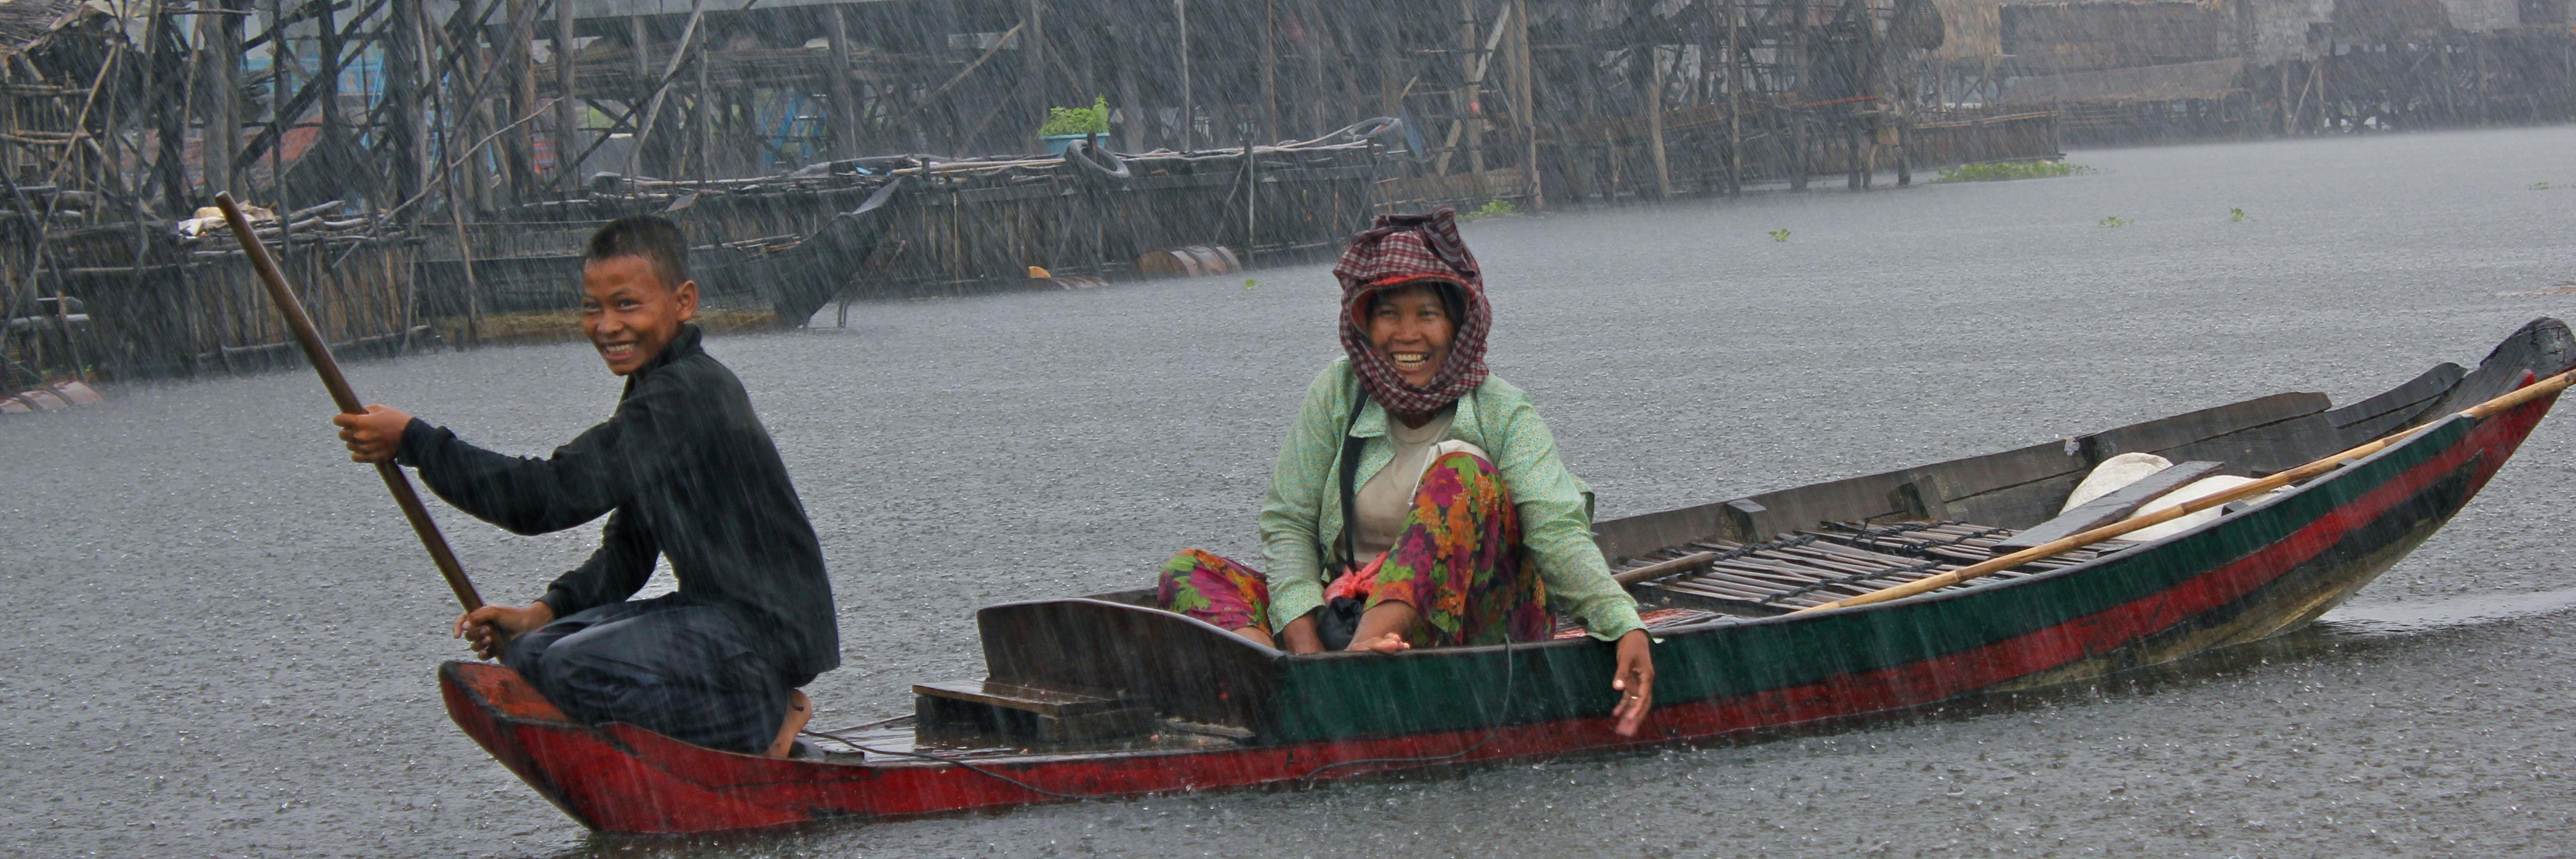 Siem Reap - Kambodża